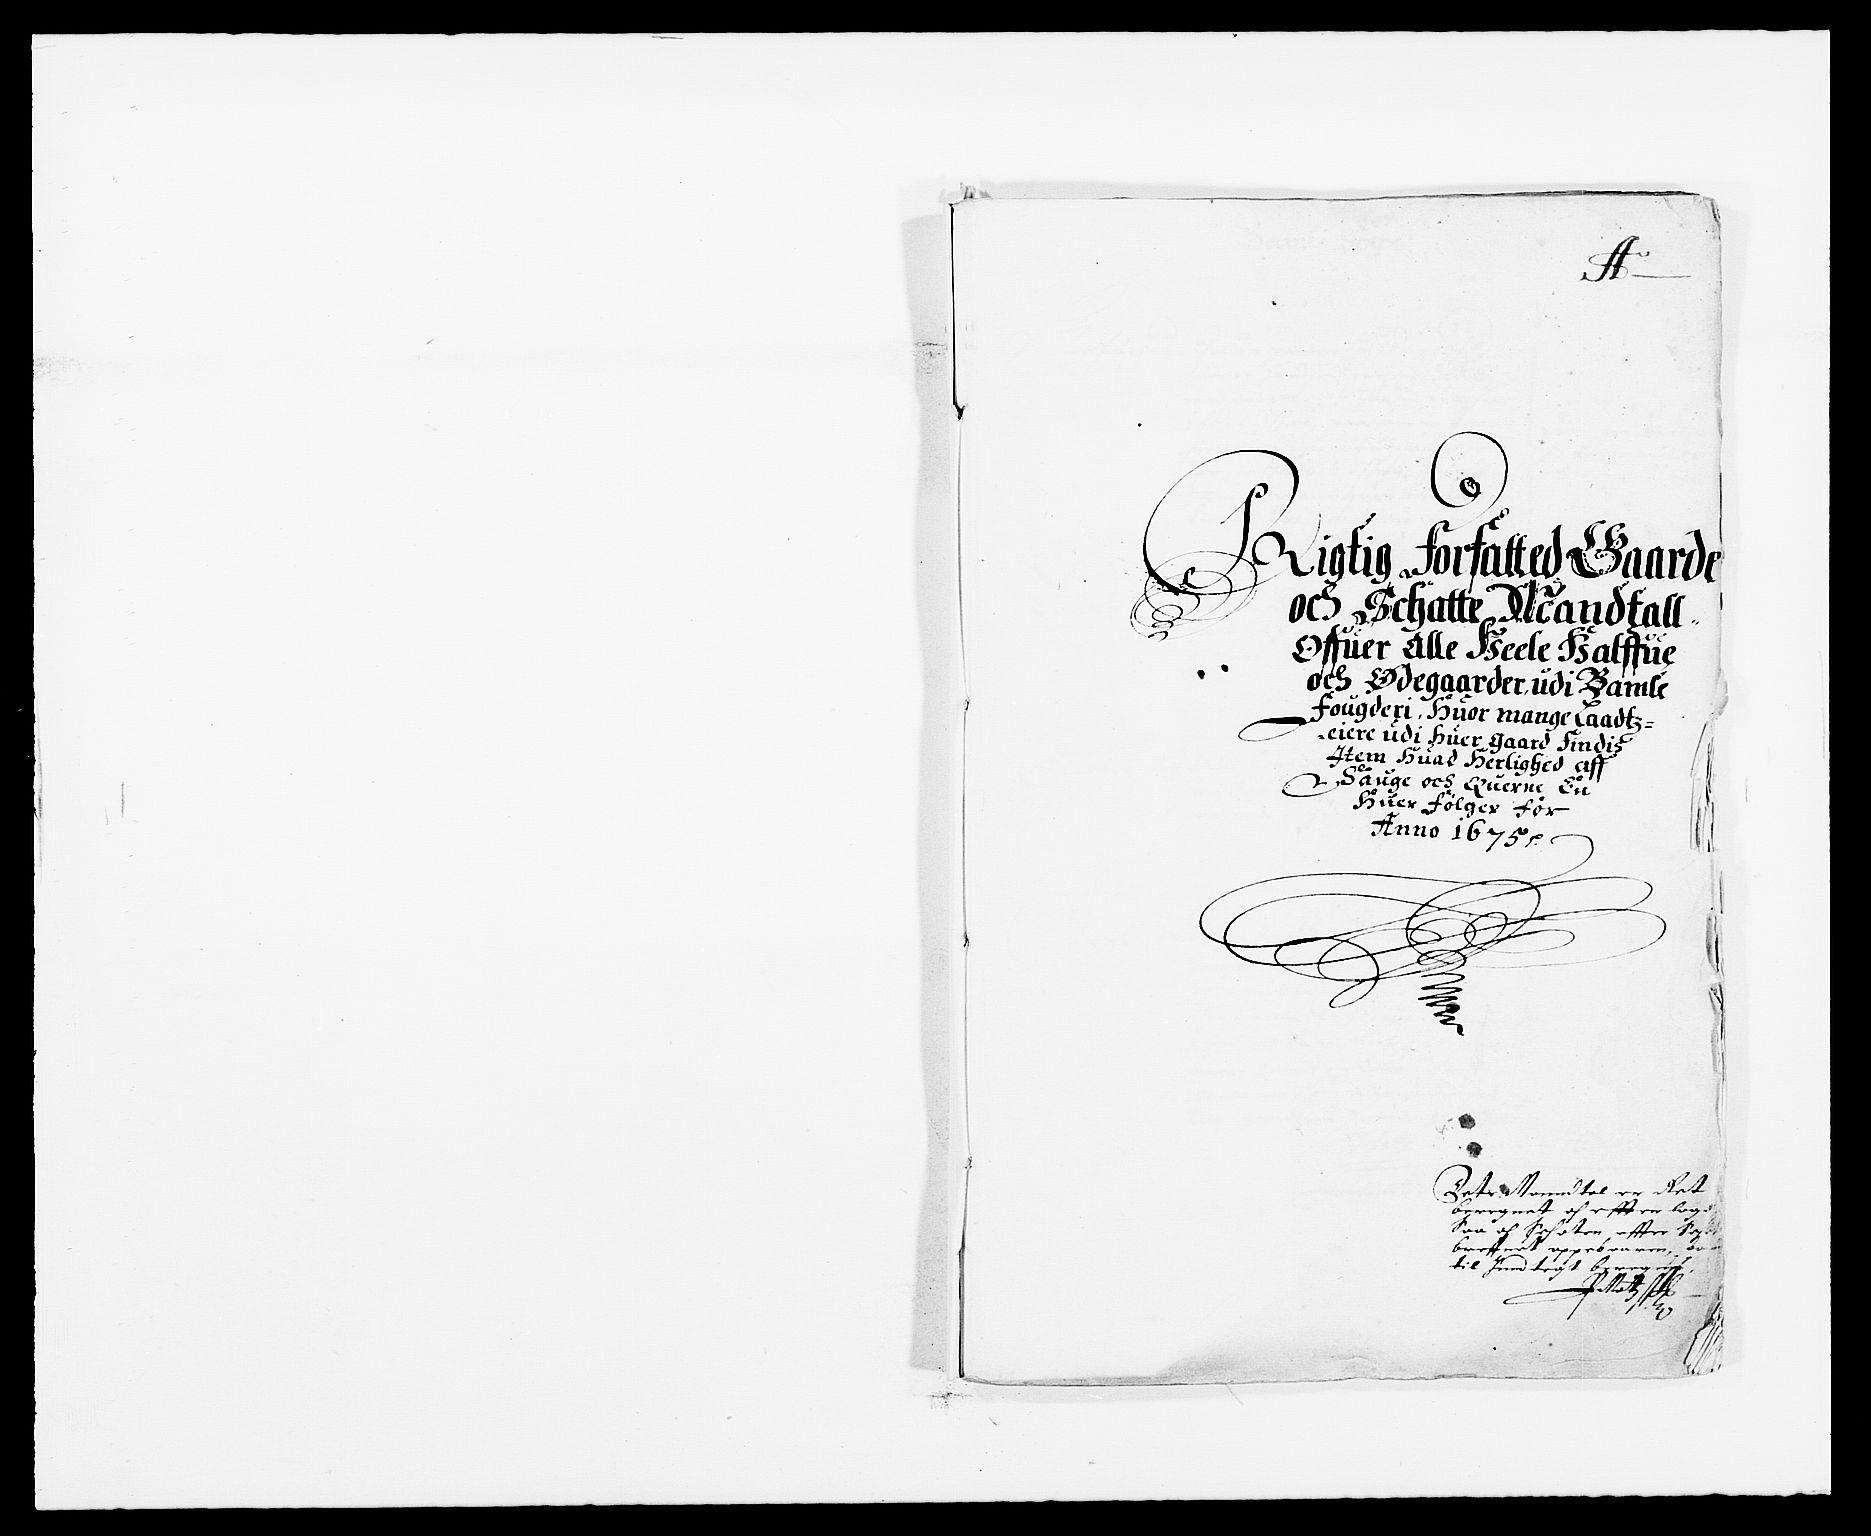 RA, Rentekammeret inntil 1814, Reviderte regnskaper, Fogderegnskap, R34/L2042: Fogderegnskap Bamble, 1673-1675, s. 281